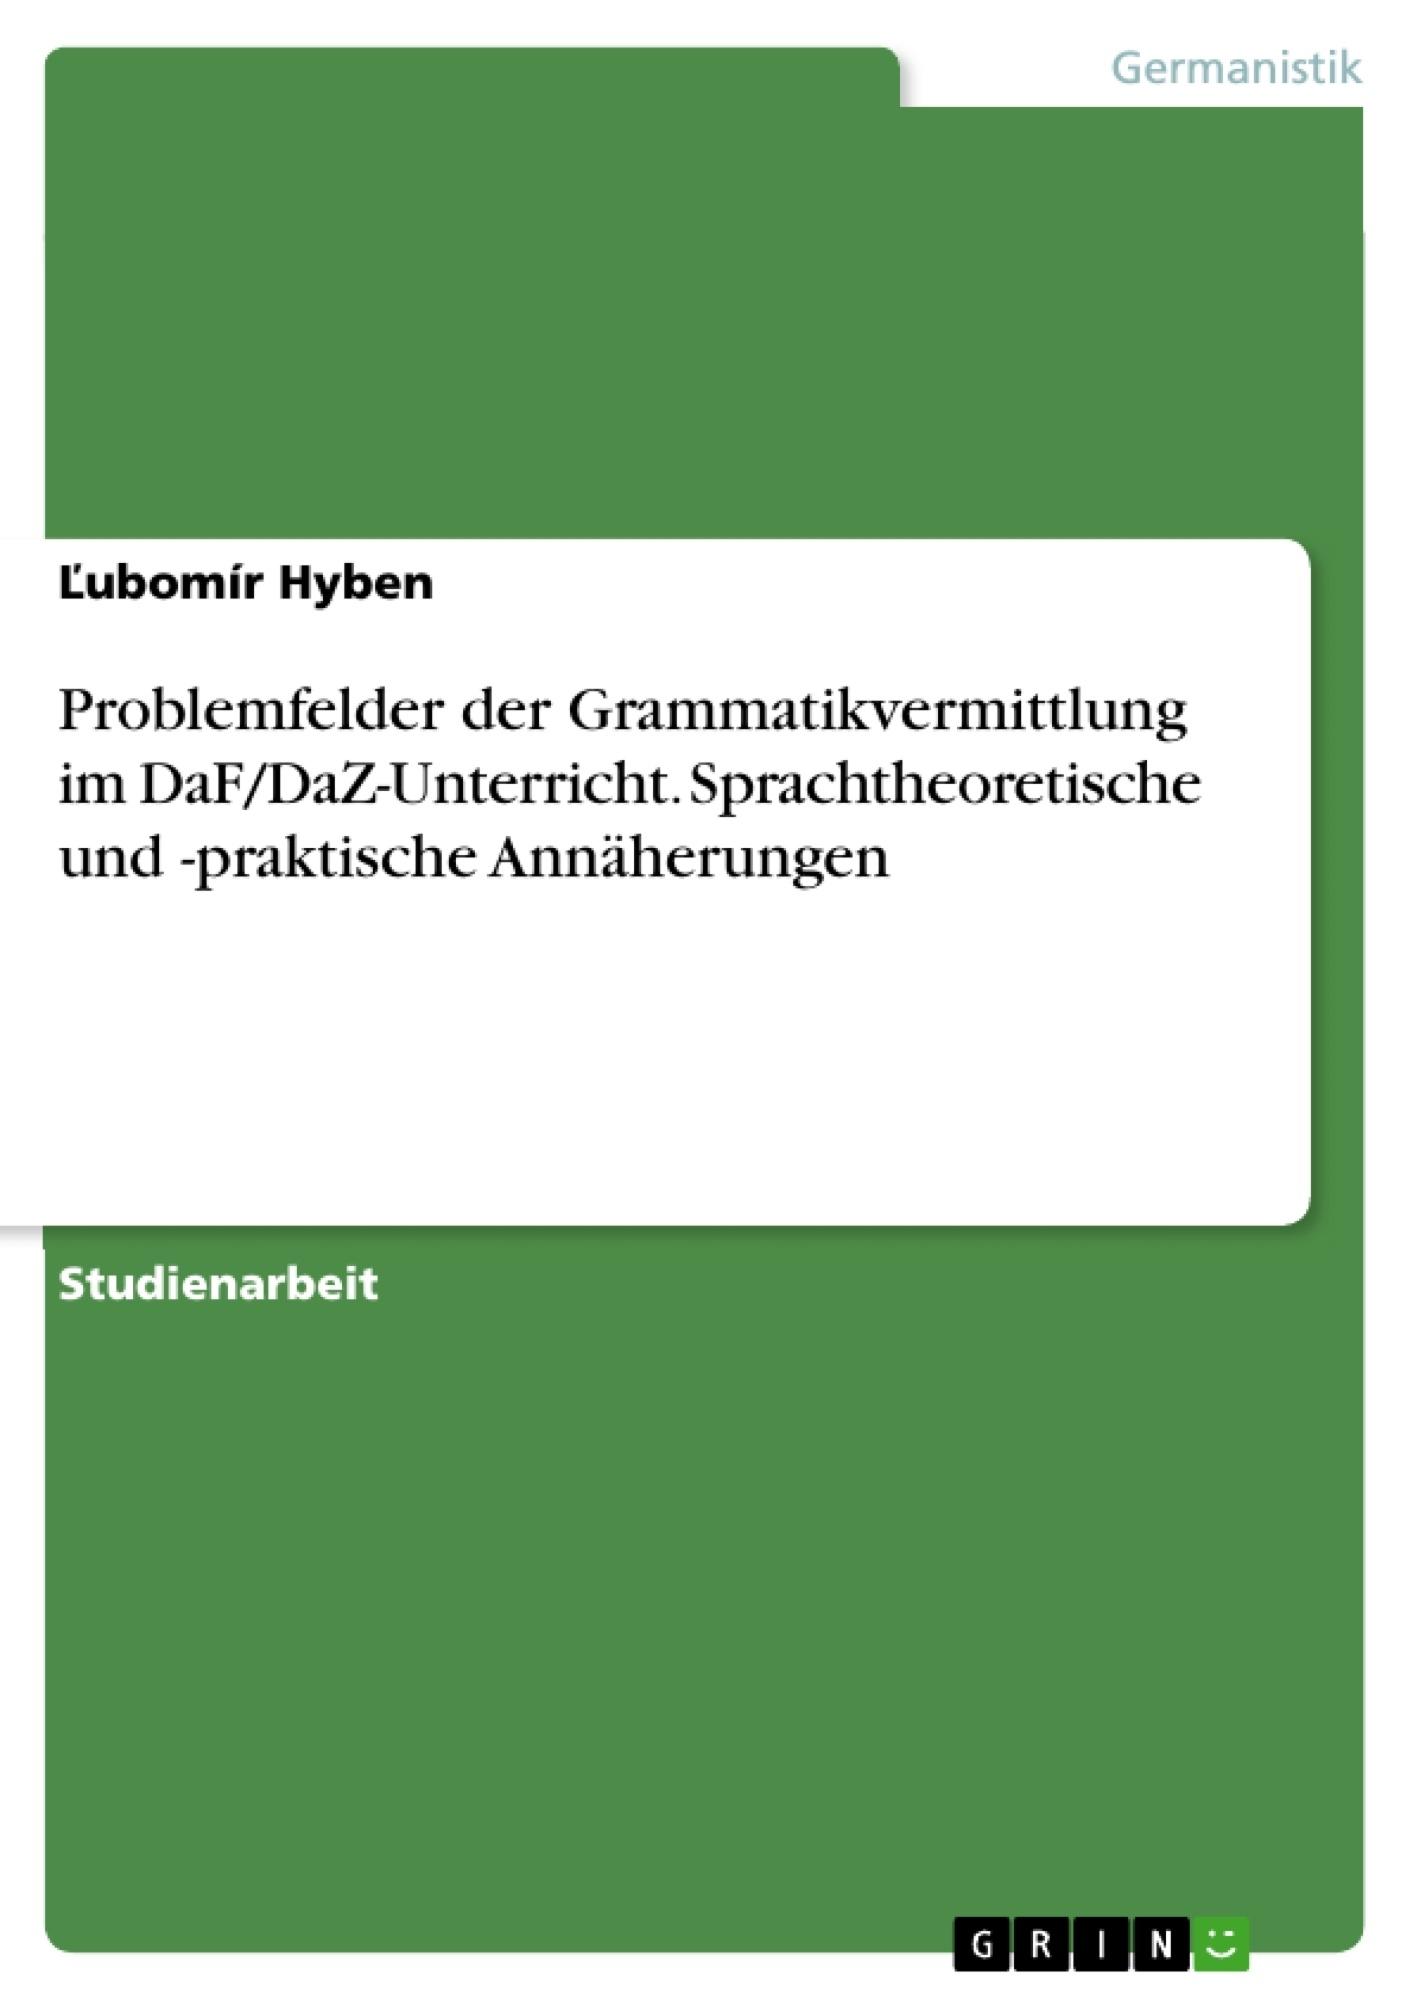 Titel: Problemfelder der Grammatikvermittlung im DaF/DaZ-Unterricht. Sprachtheoretische und -praktische Annäherungen